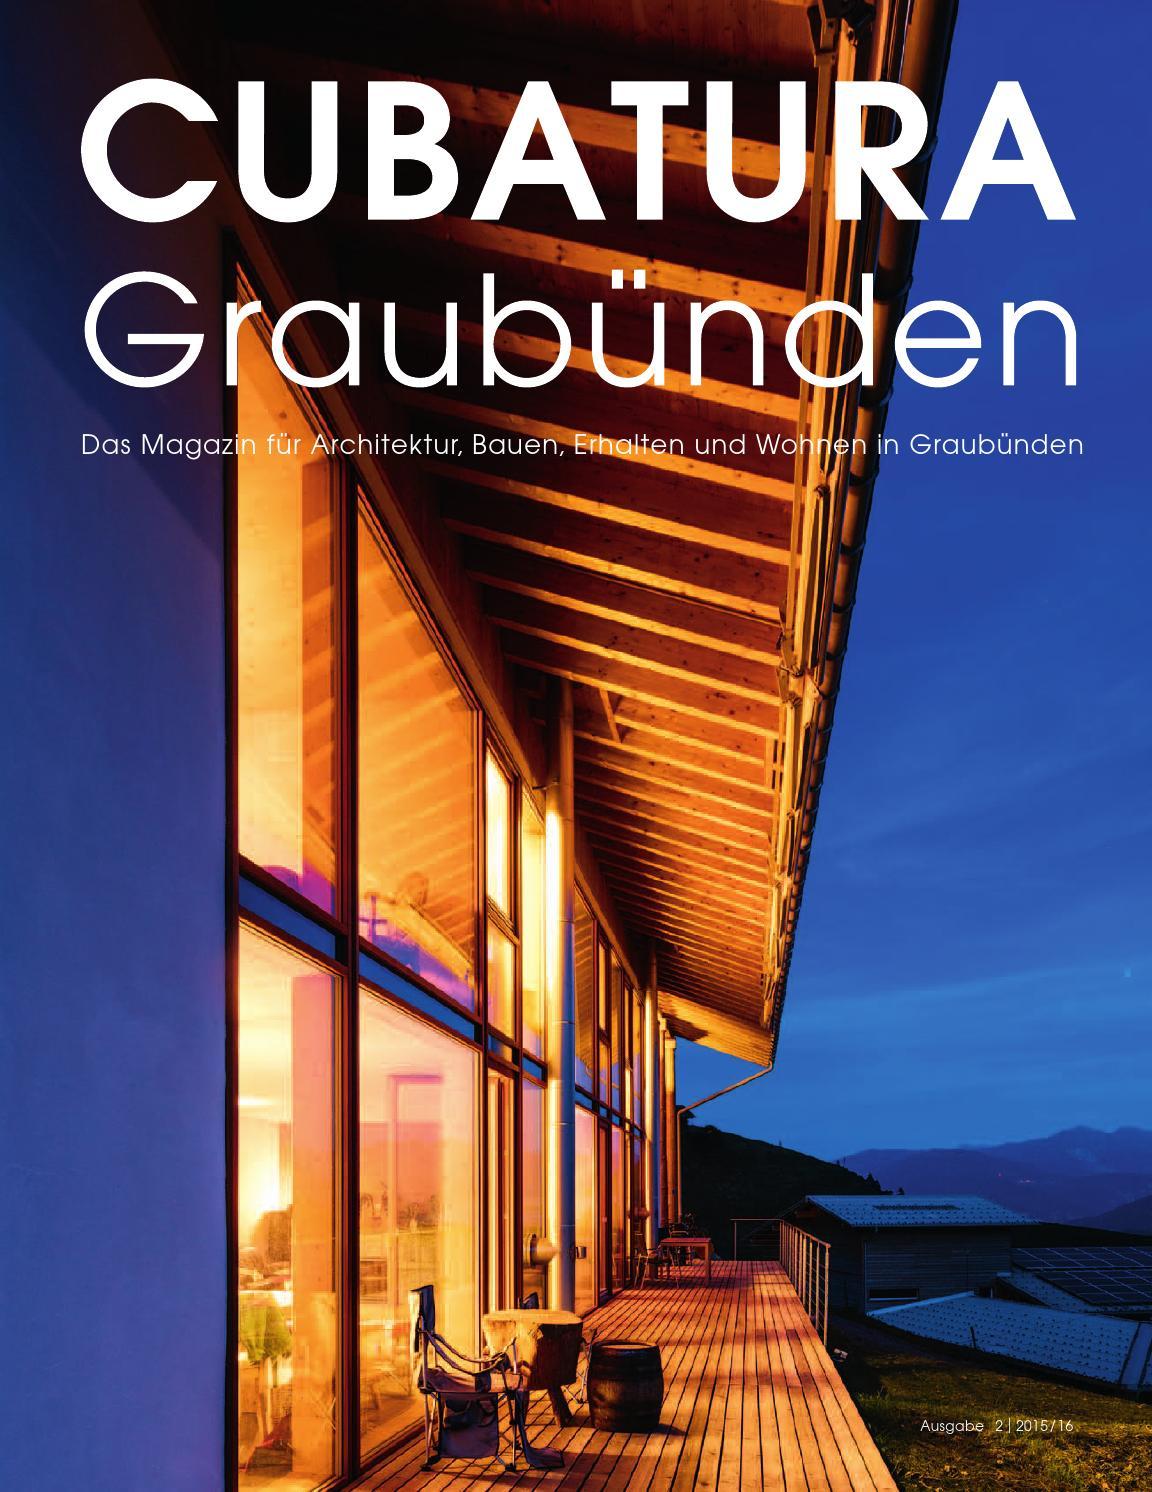 Cubatura - Le magazine bisannuel de l'architecture, de l'habitat, et de la construction dans les Grisons